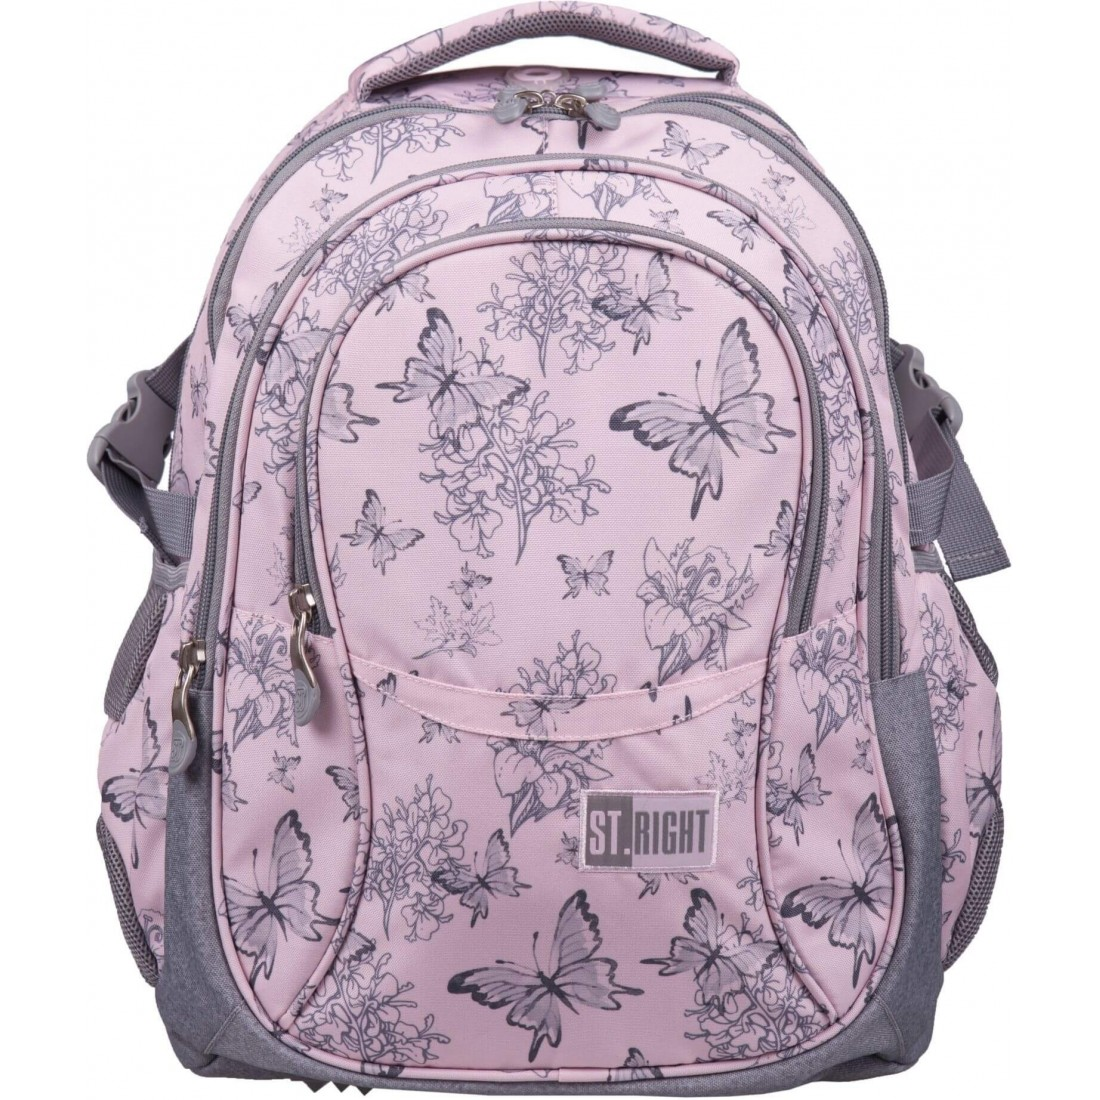 Plecak dla młodzieży różowy ST.RIGHT VINTAGE BUTTERFLIES motyle boho BP01